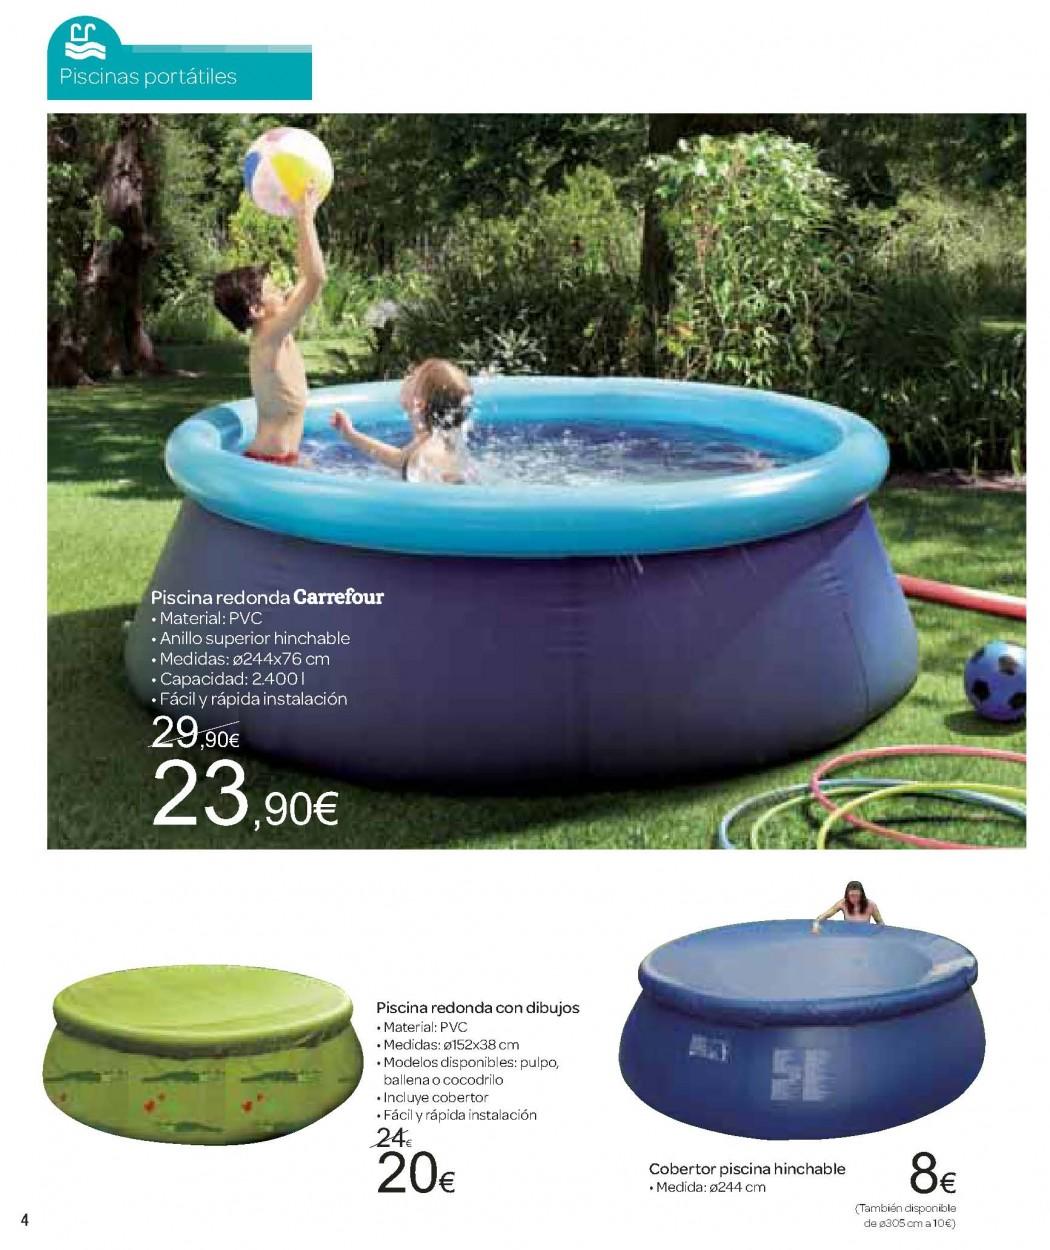 Catalogo Carrefour Junio 2012 - Especial Piscinas y Jardin_Page_04